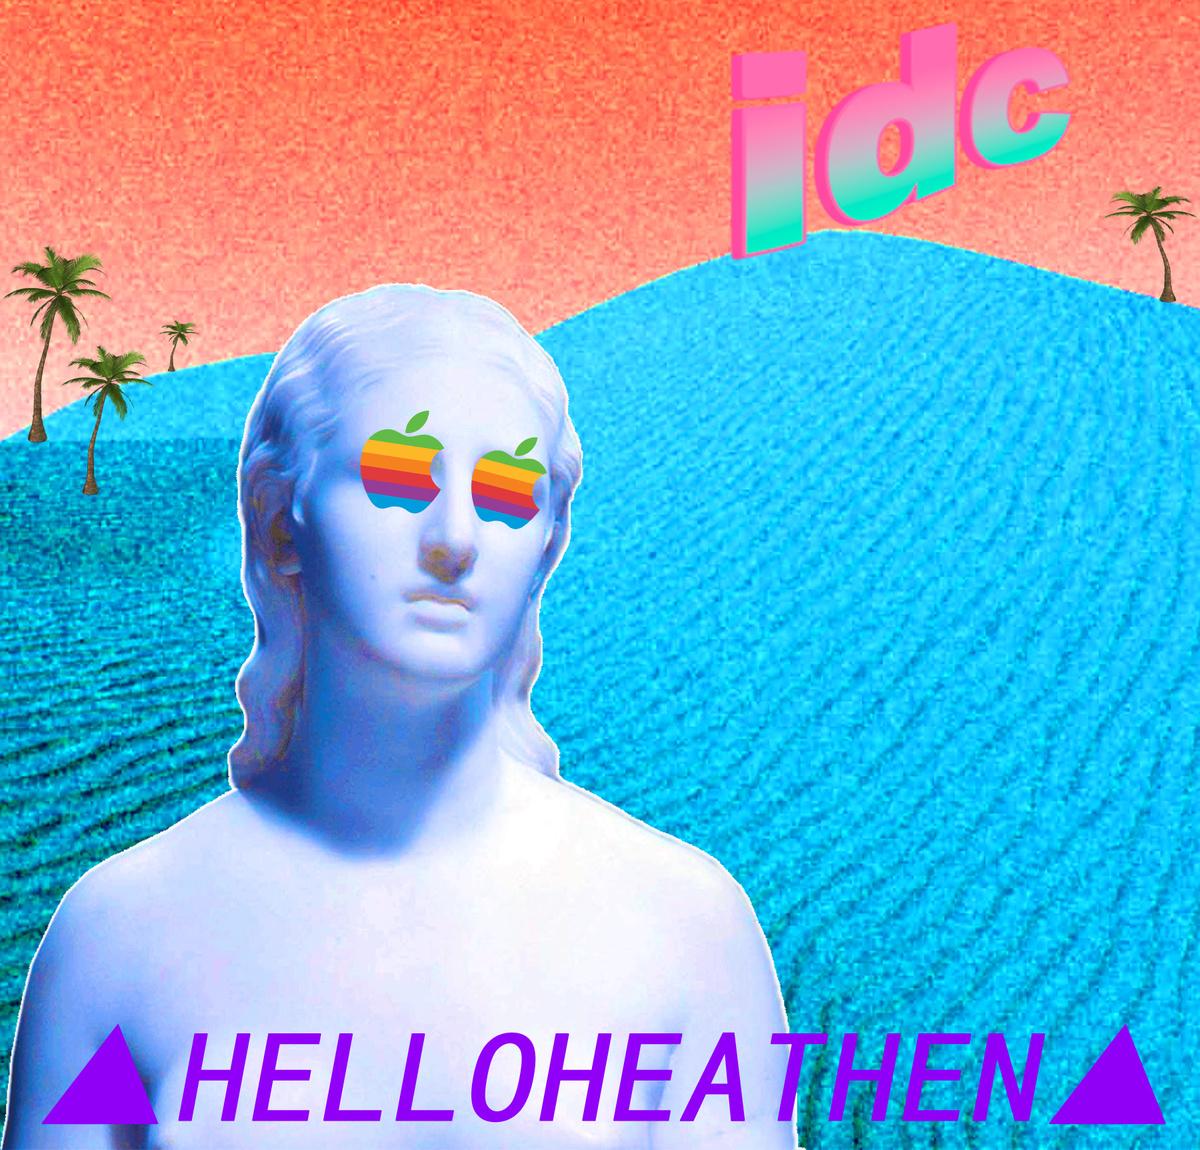 HelloHeathen – HelloHeathen